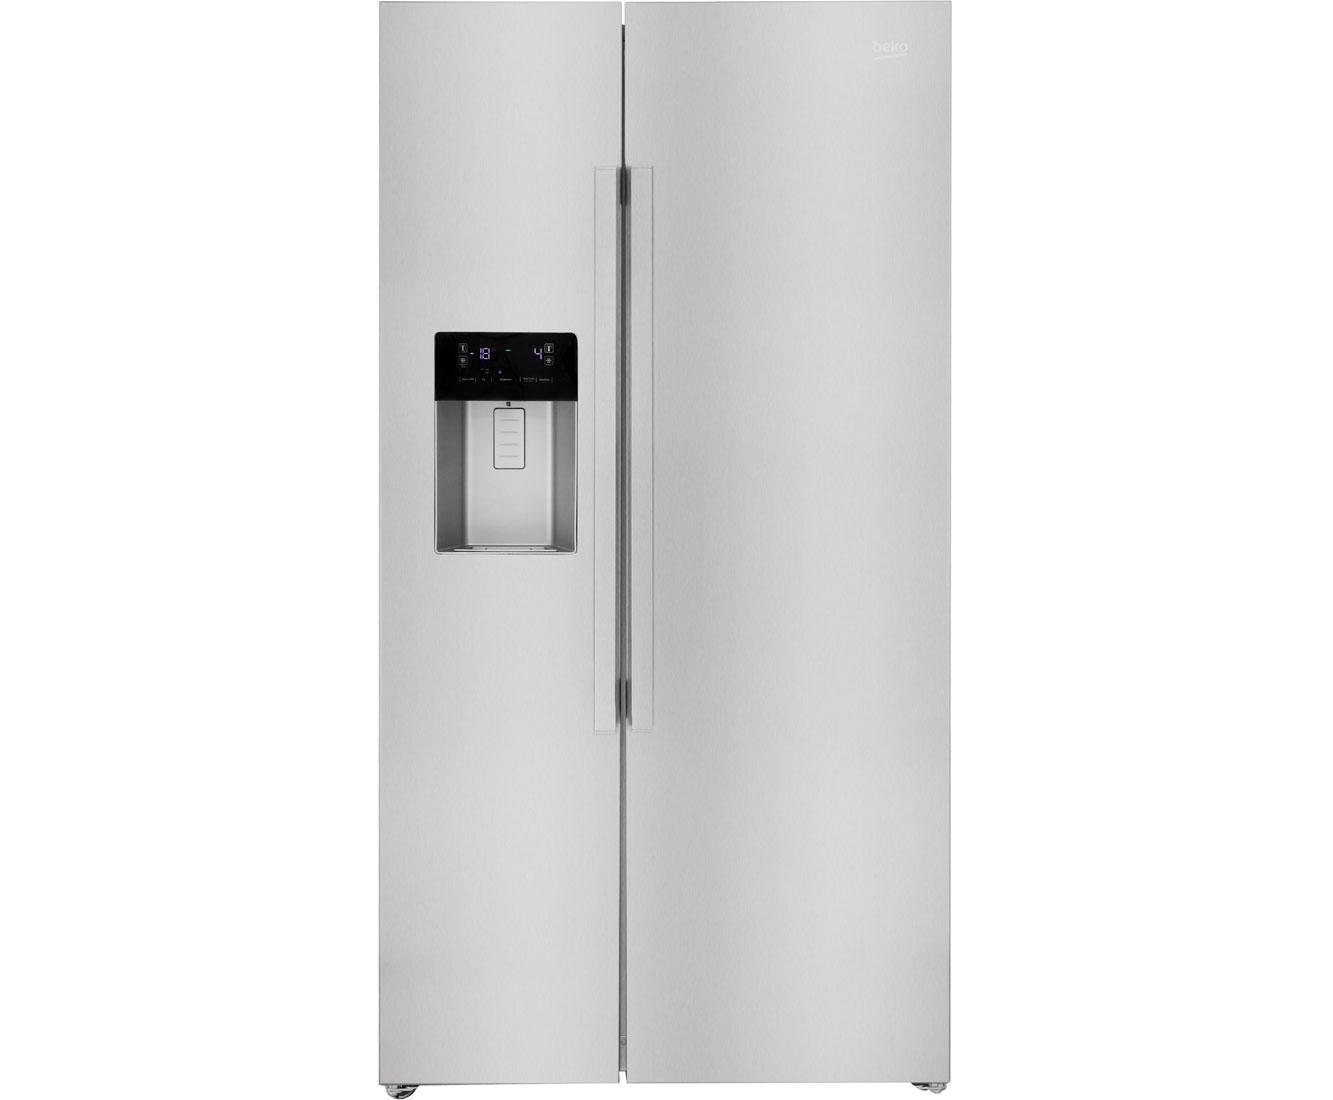 Amerikanischer Kühlschrank Beko : Beko gn162330xb amerikanischer side by side mit wasserspender 516l